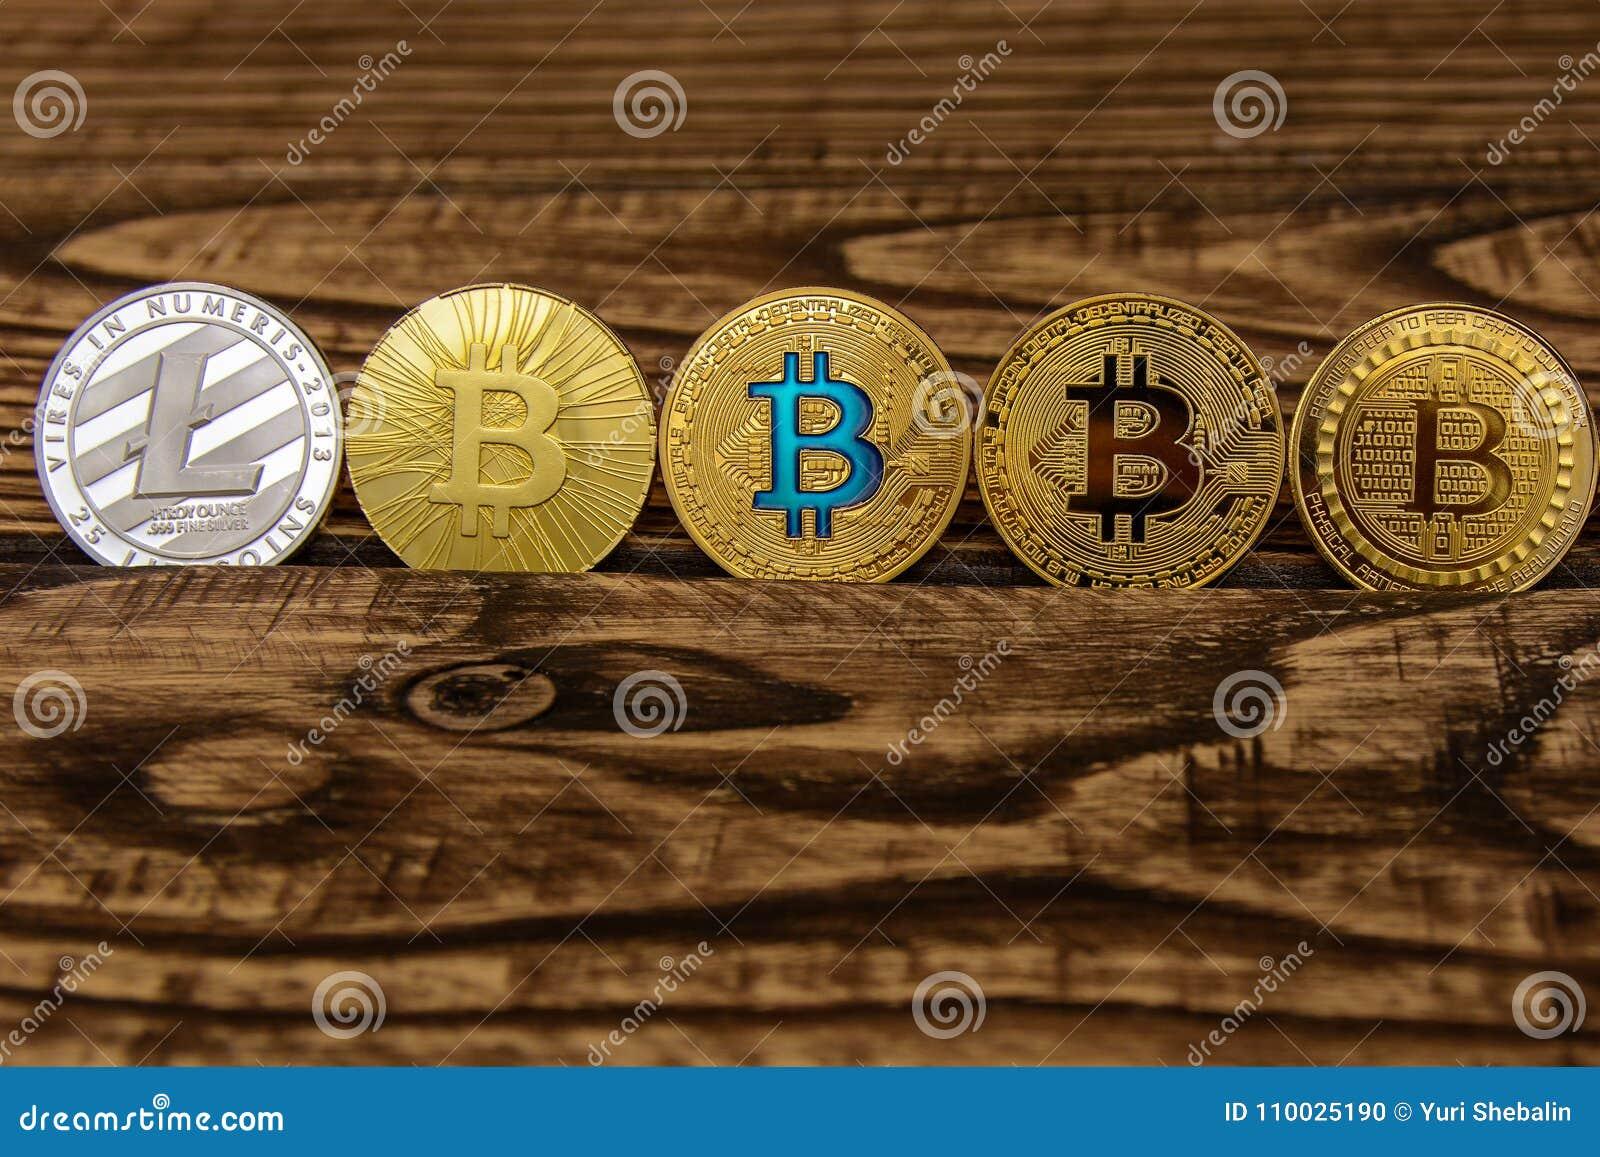 Bitcoins en ethereumtribune op oude houten achtergrond